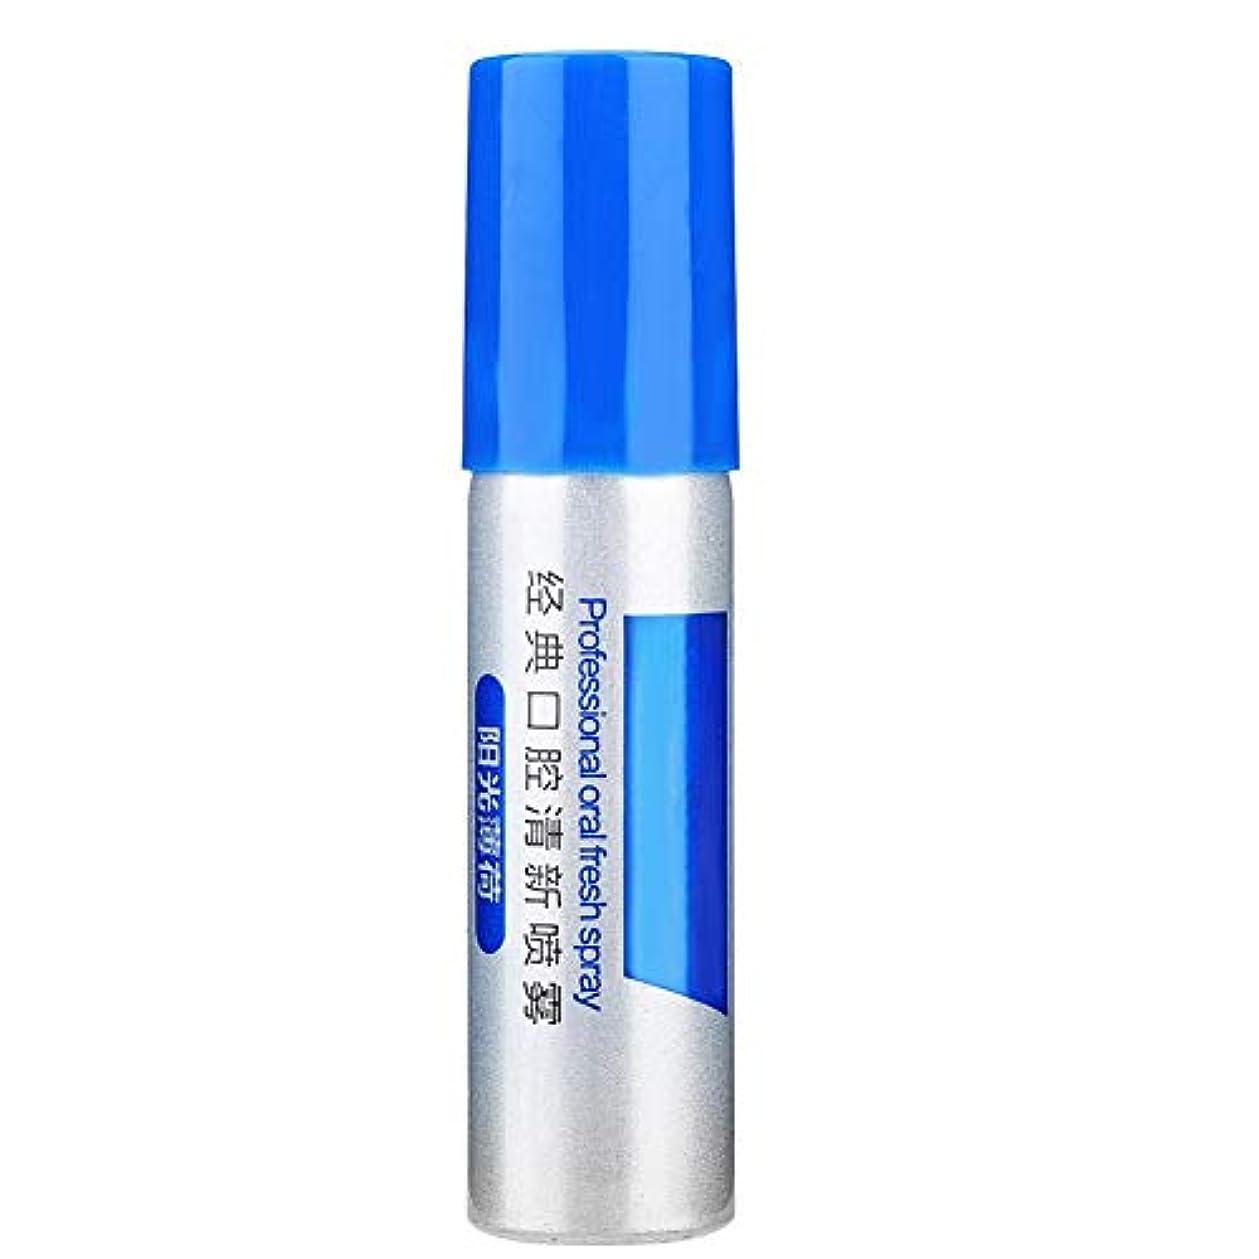 移植感嘆符楽観口腔ケアクリーナー、持続性のあるタイプのフレッシュナーは、喫煙またはニンニクを食べることによって引き起こされる口臭を除去するのに適しています。(#4)